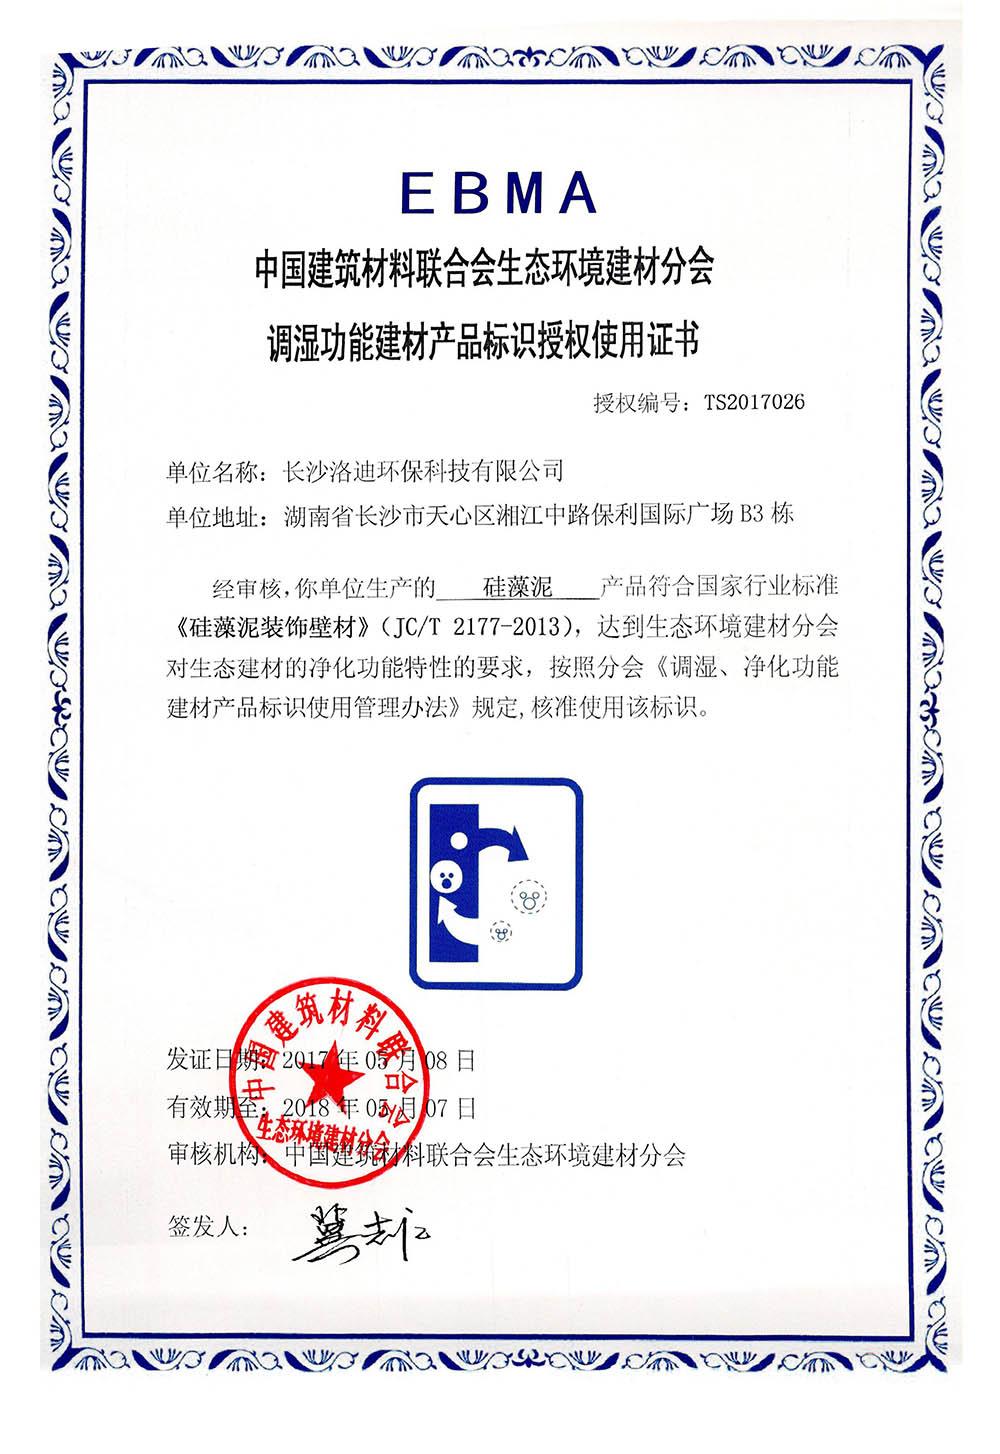 调湿功能建材产品标识授权使用证书